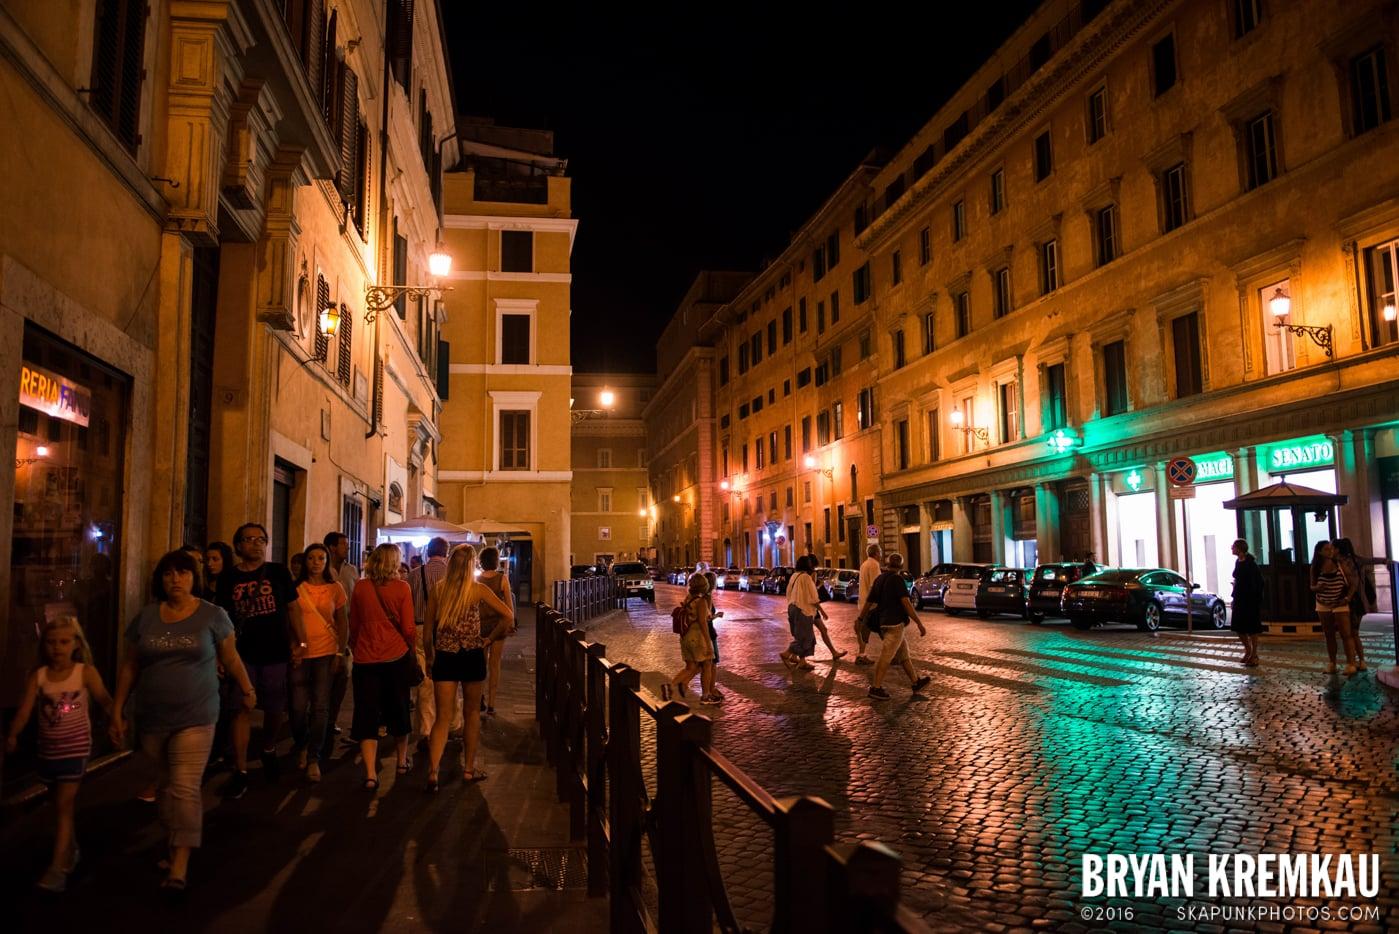 Italy Vacation - Day 1: Rome - 9.9.13 (1)